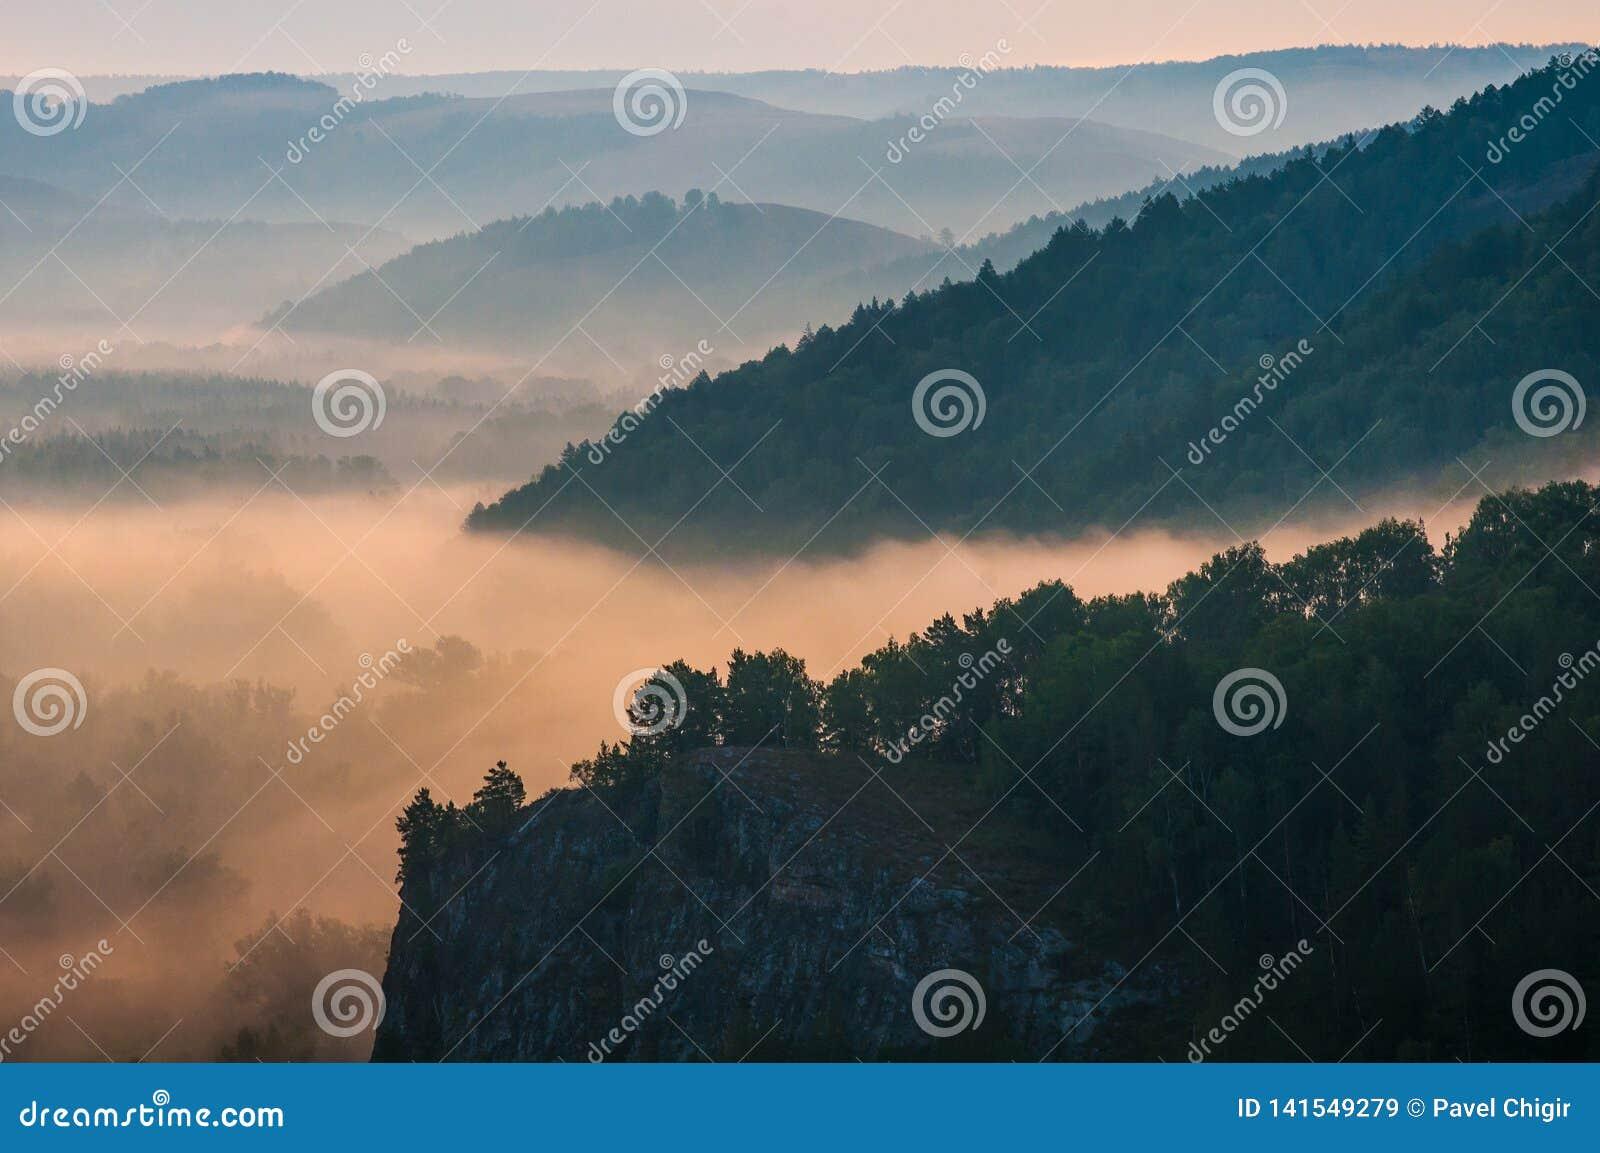 Pinos cubiertos en nieblas en los rayos del amanecer